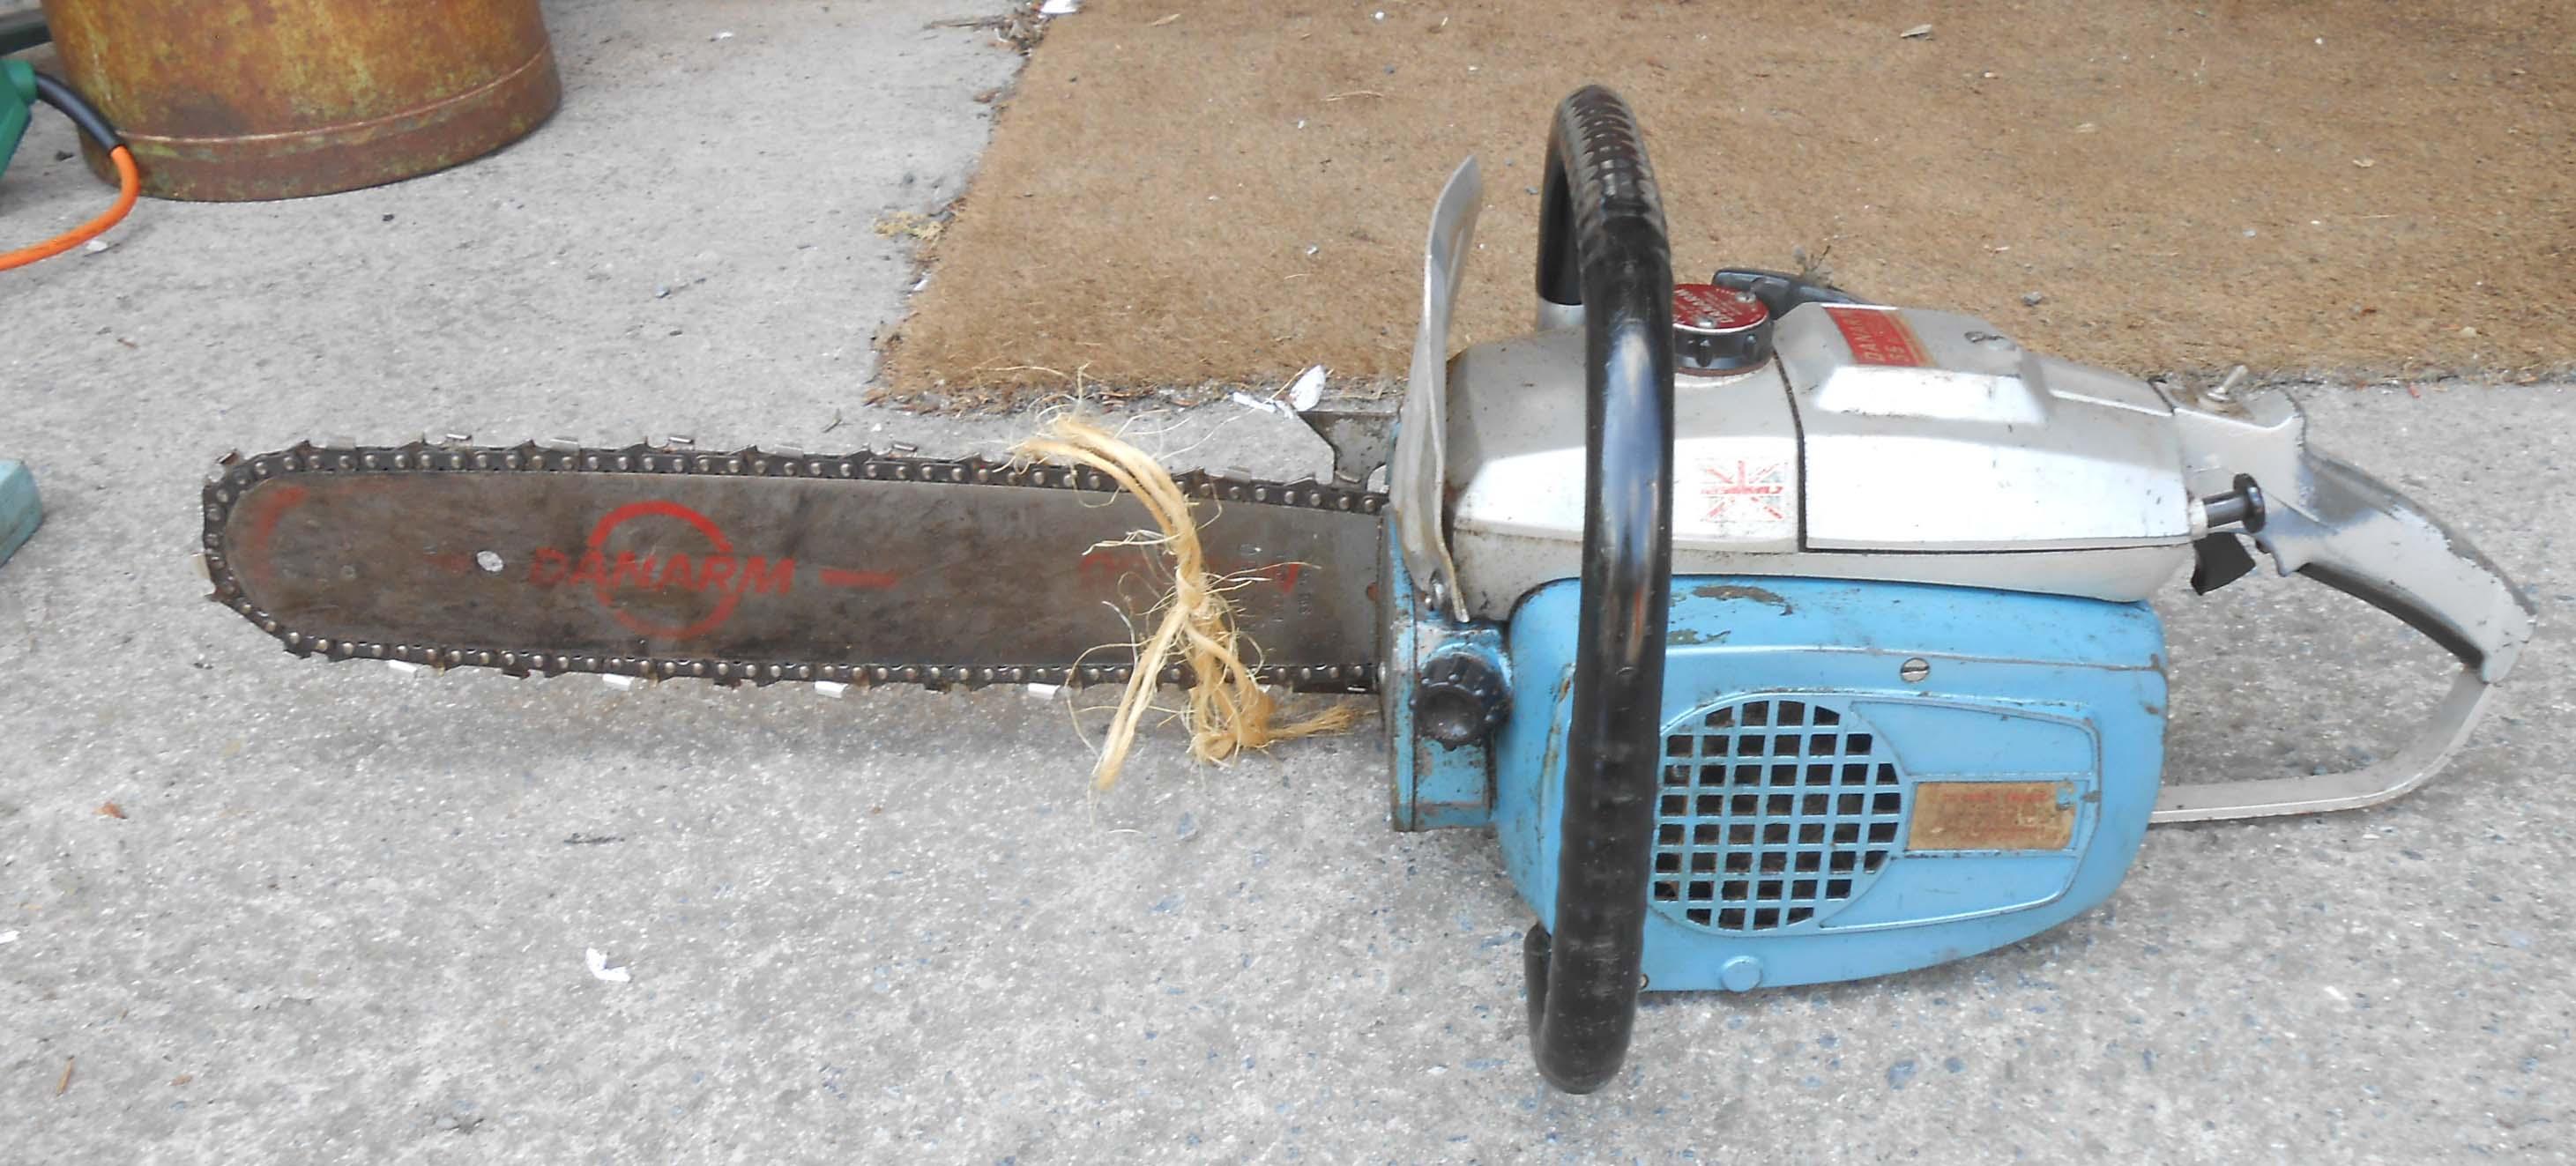 A Danarm Mk11 55 automatic petrol chainsaw